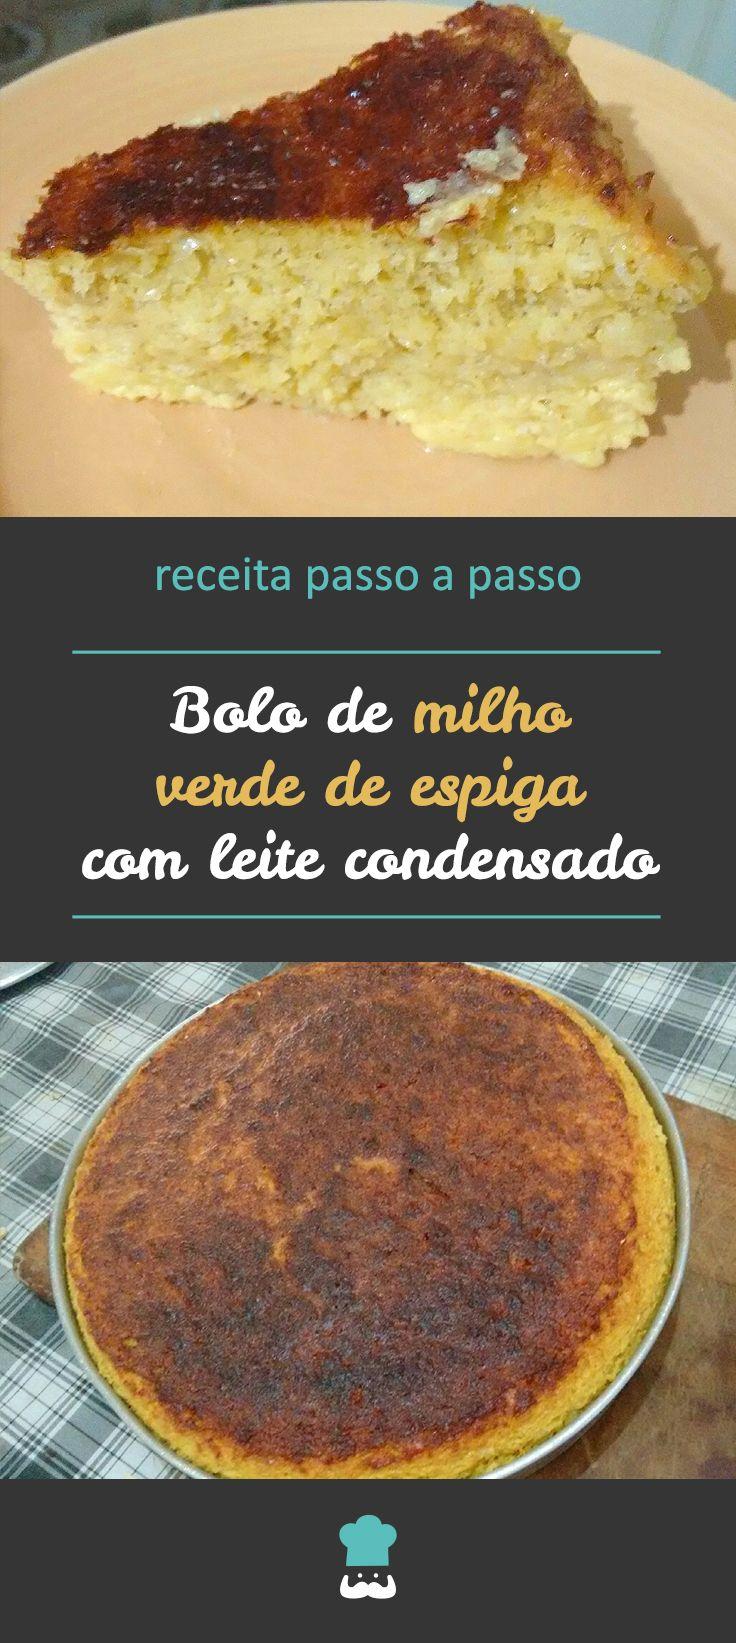 Receita De Bolo De Milho Verde De Espiga Com Leite Condensado